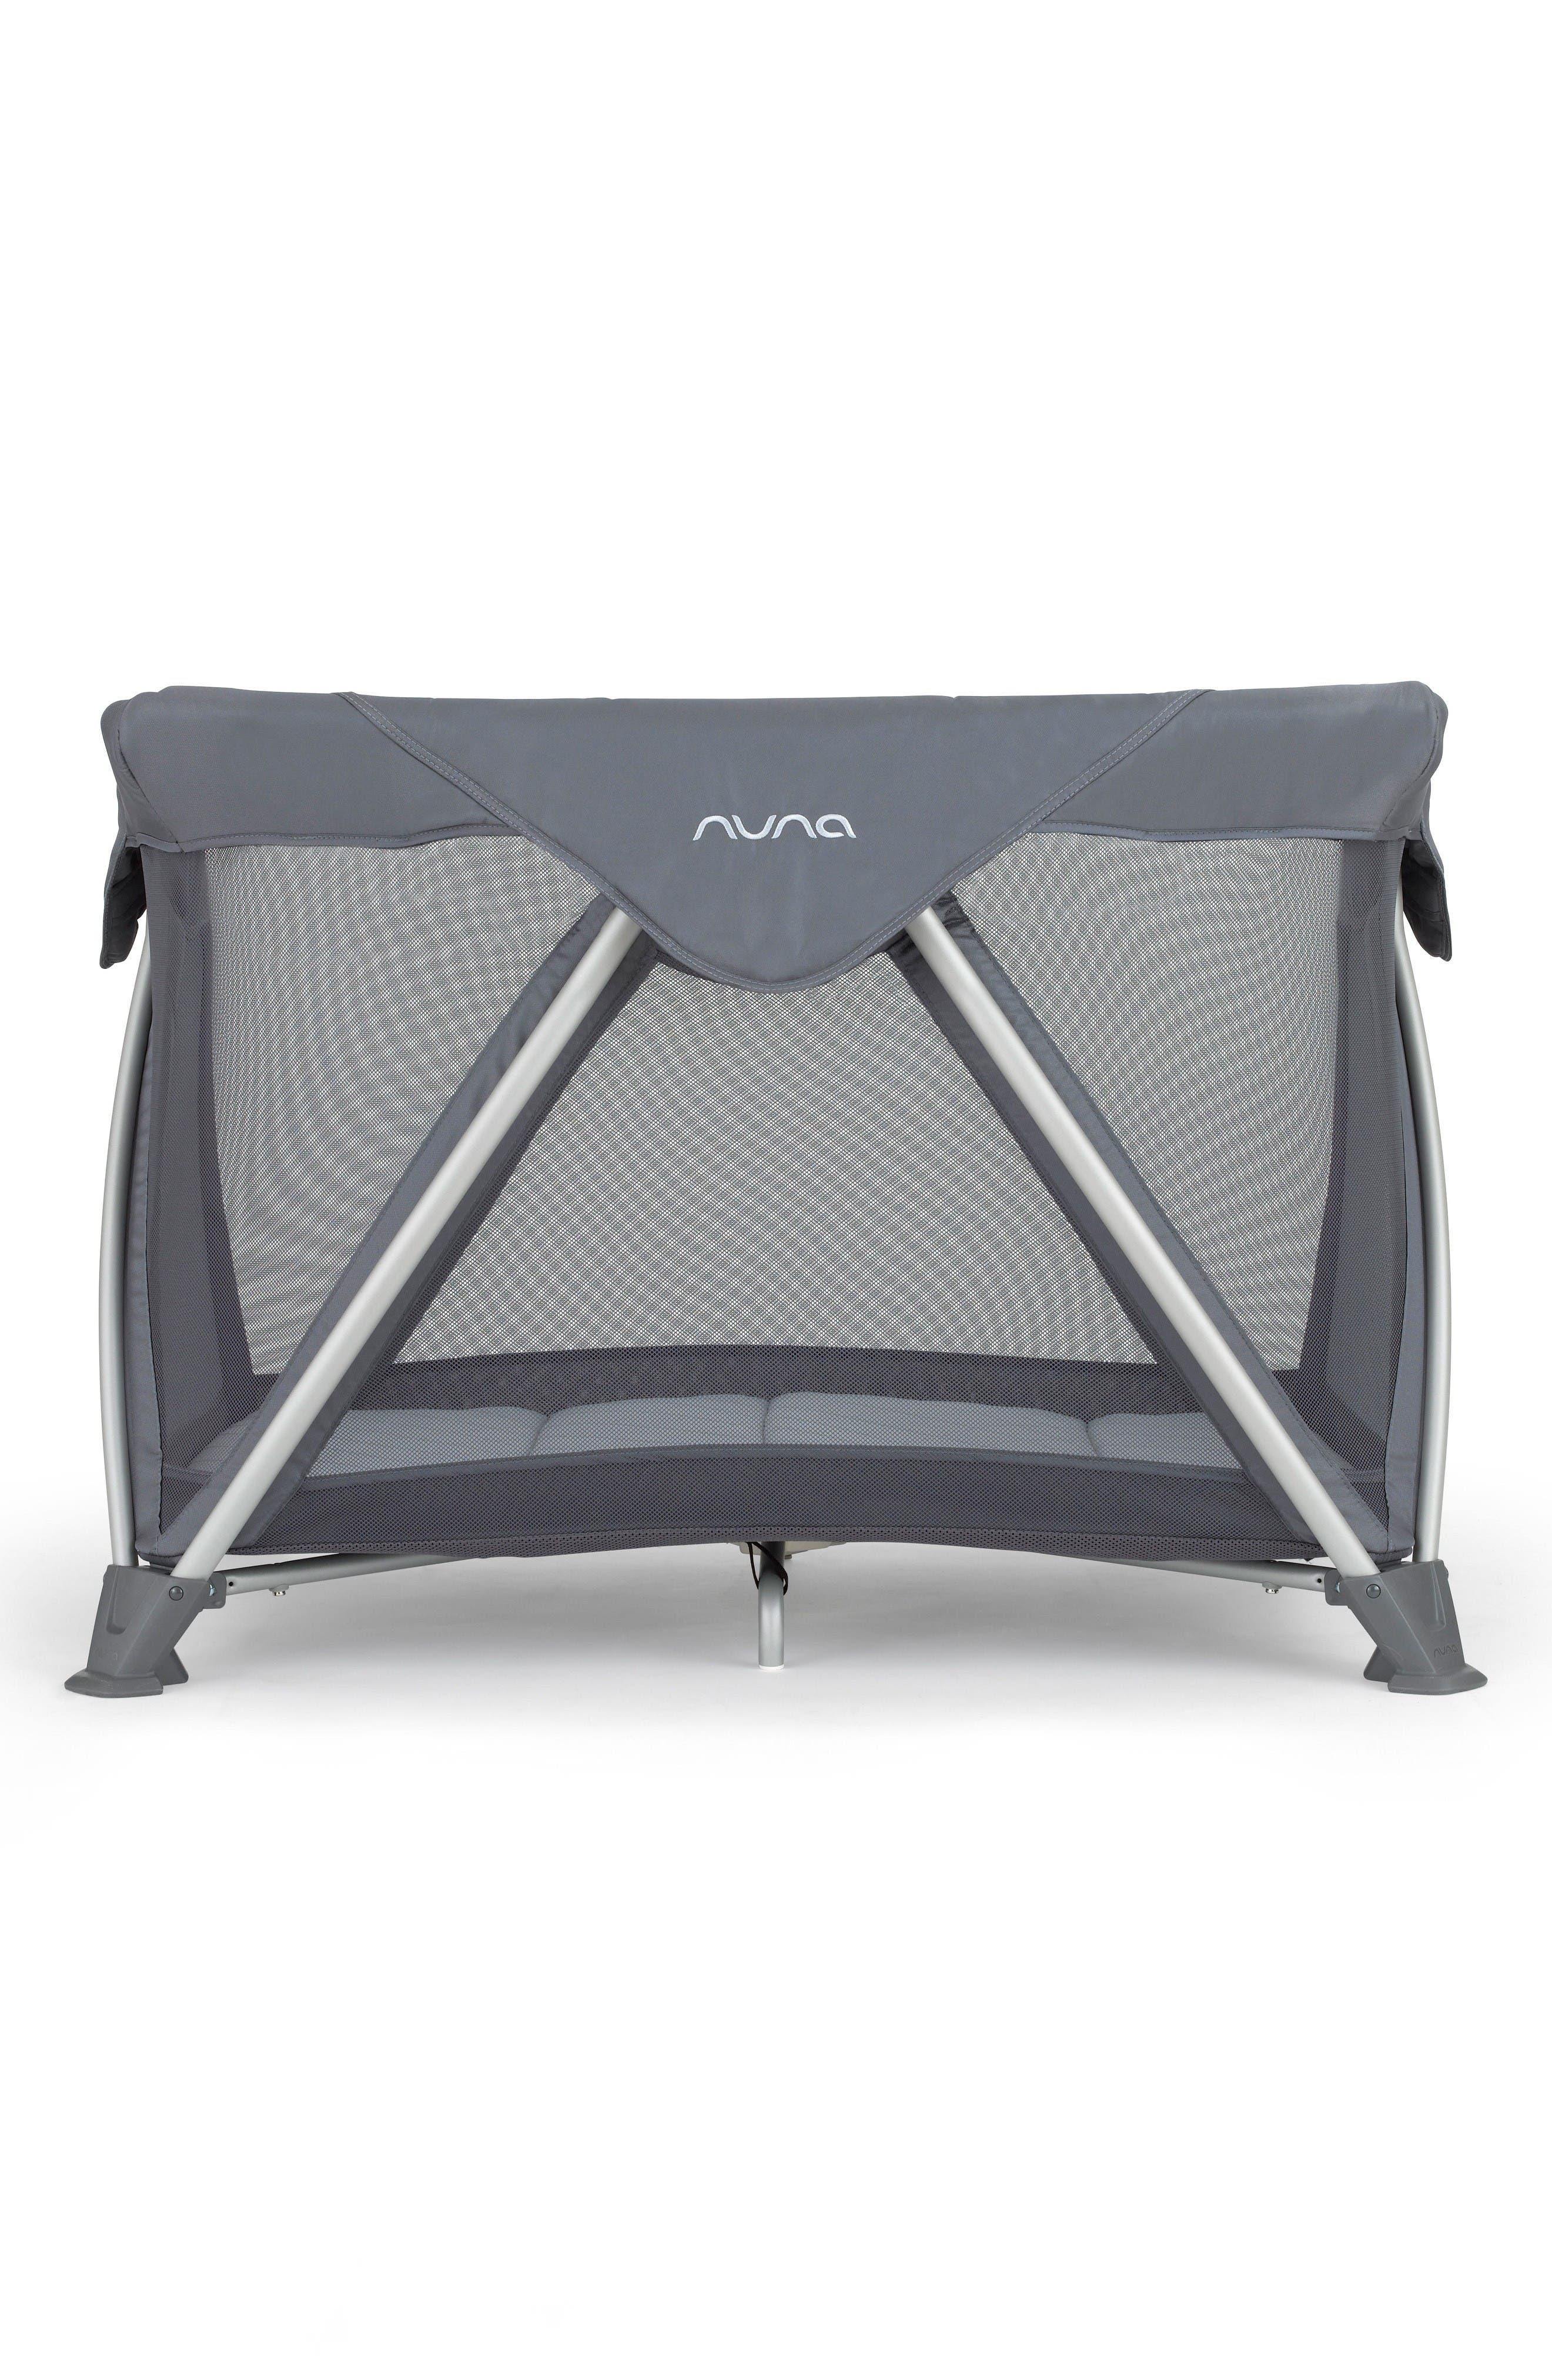 Nuna Sena Travel Crib Night In Baby Travel Crib Prepare Mothercare Nuna Sena Travel Cot Travel